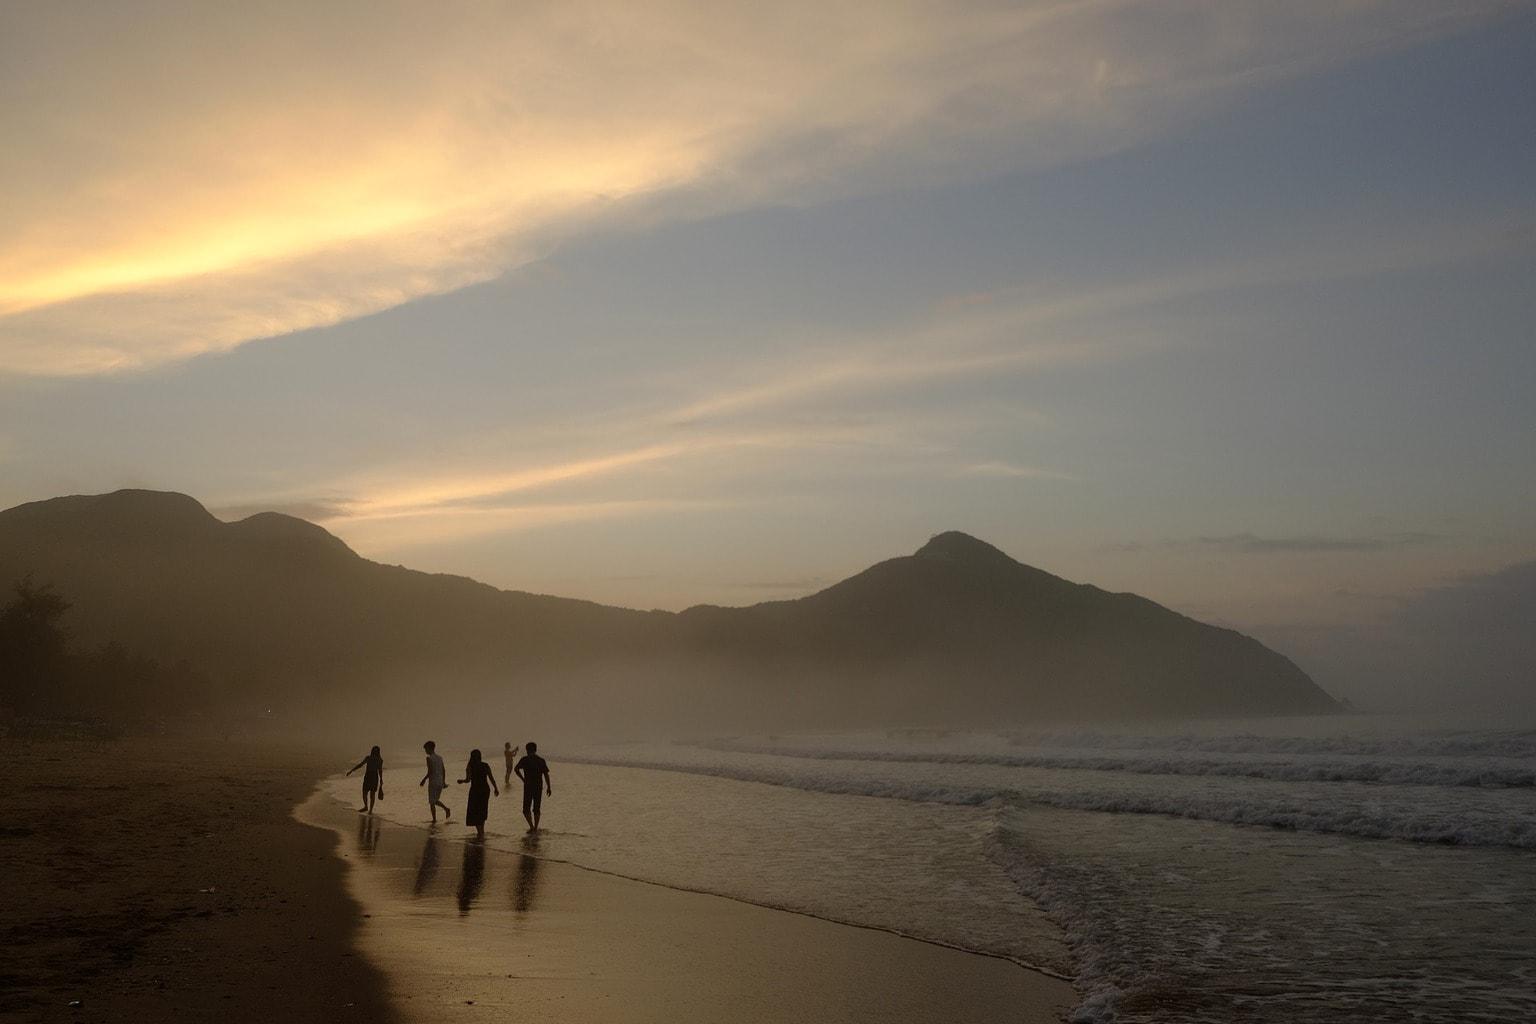 Fotografía atardecer en una playa